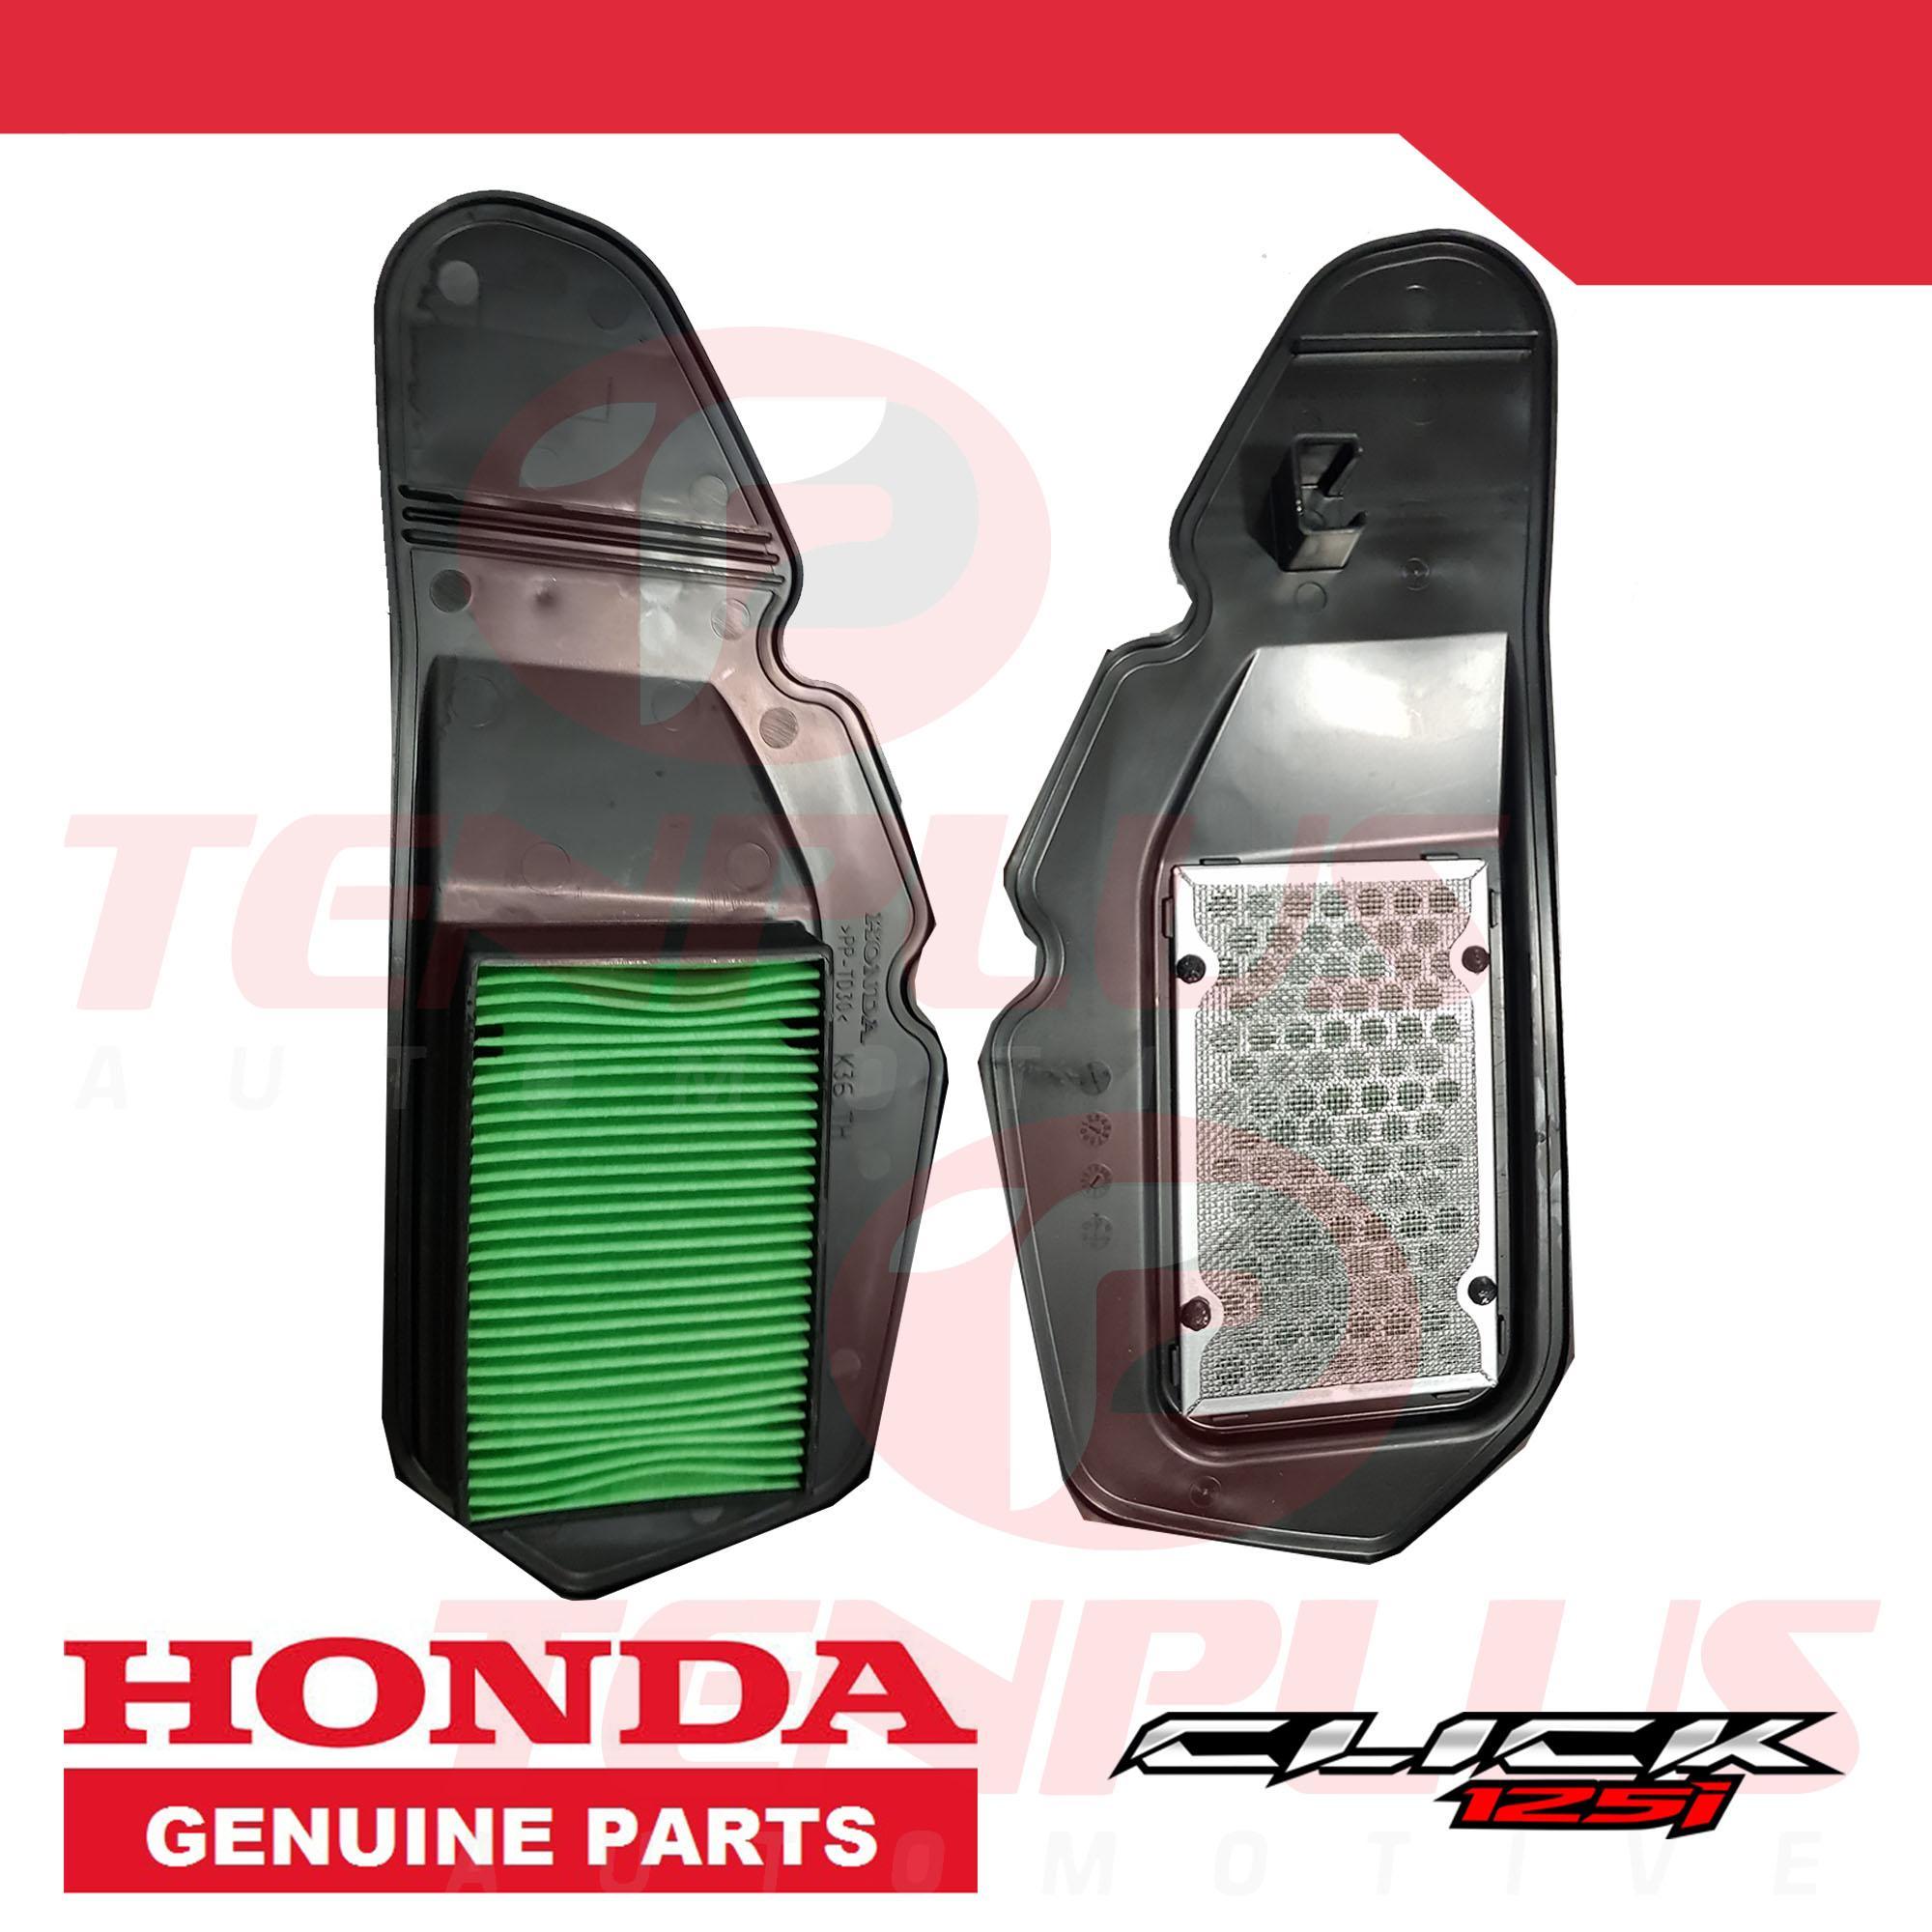 Honda Element Air Filter Honda Click 125 and 150i 2016-2019